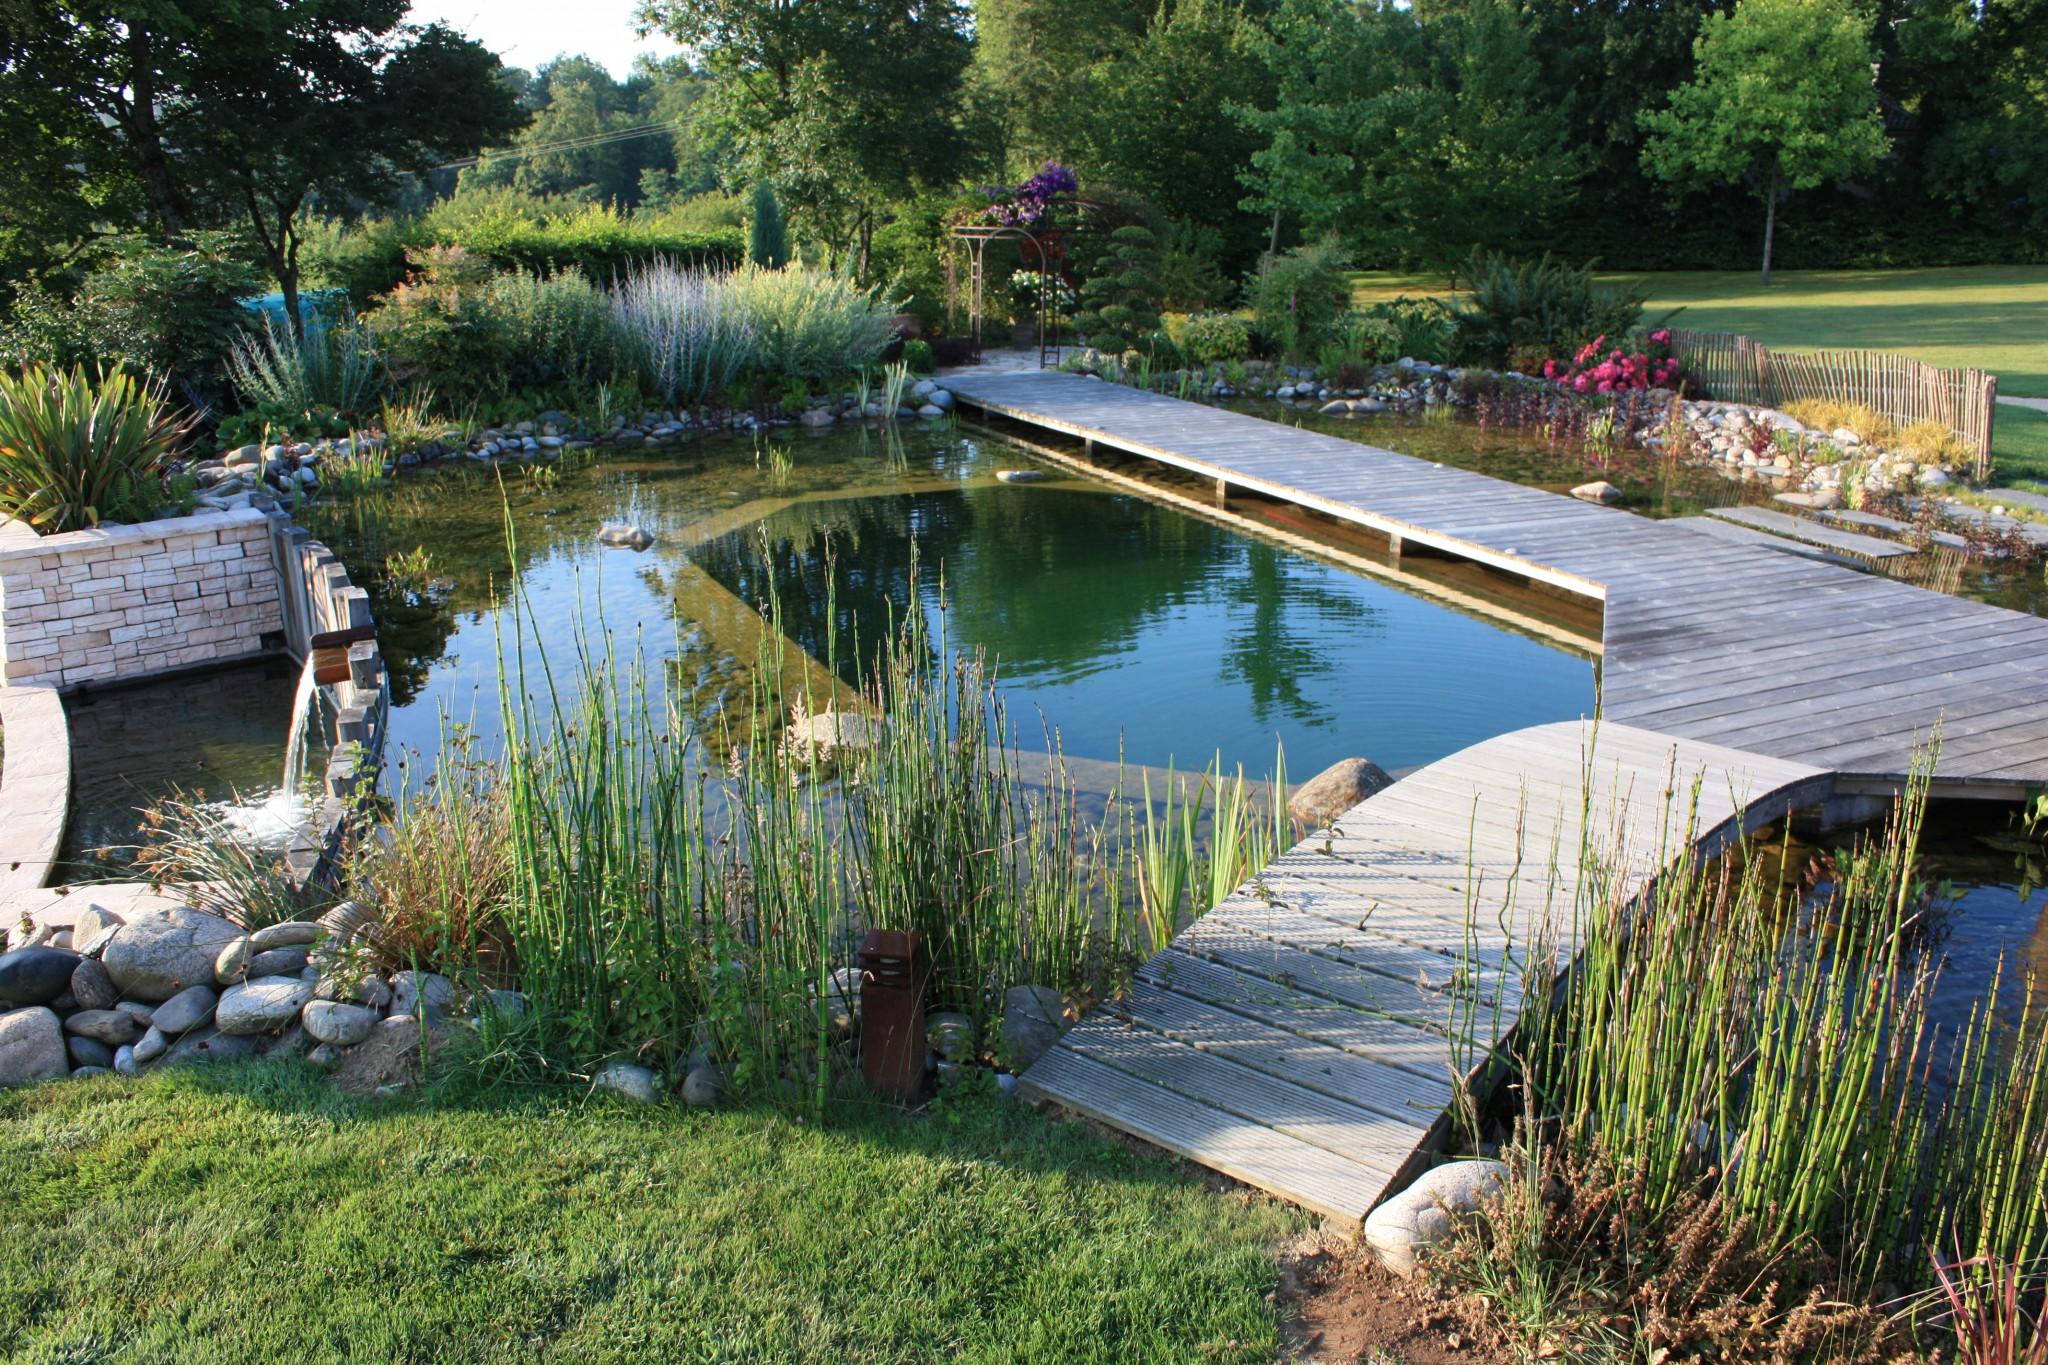 Passerelles bois sur bassin de baignade biologique Limoges - Passerelle bois, bassin de baignade naturel